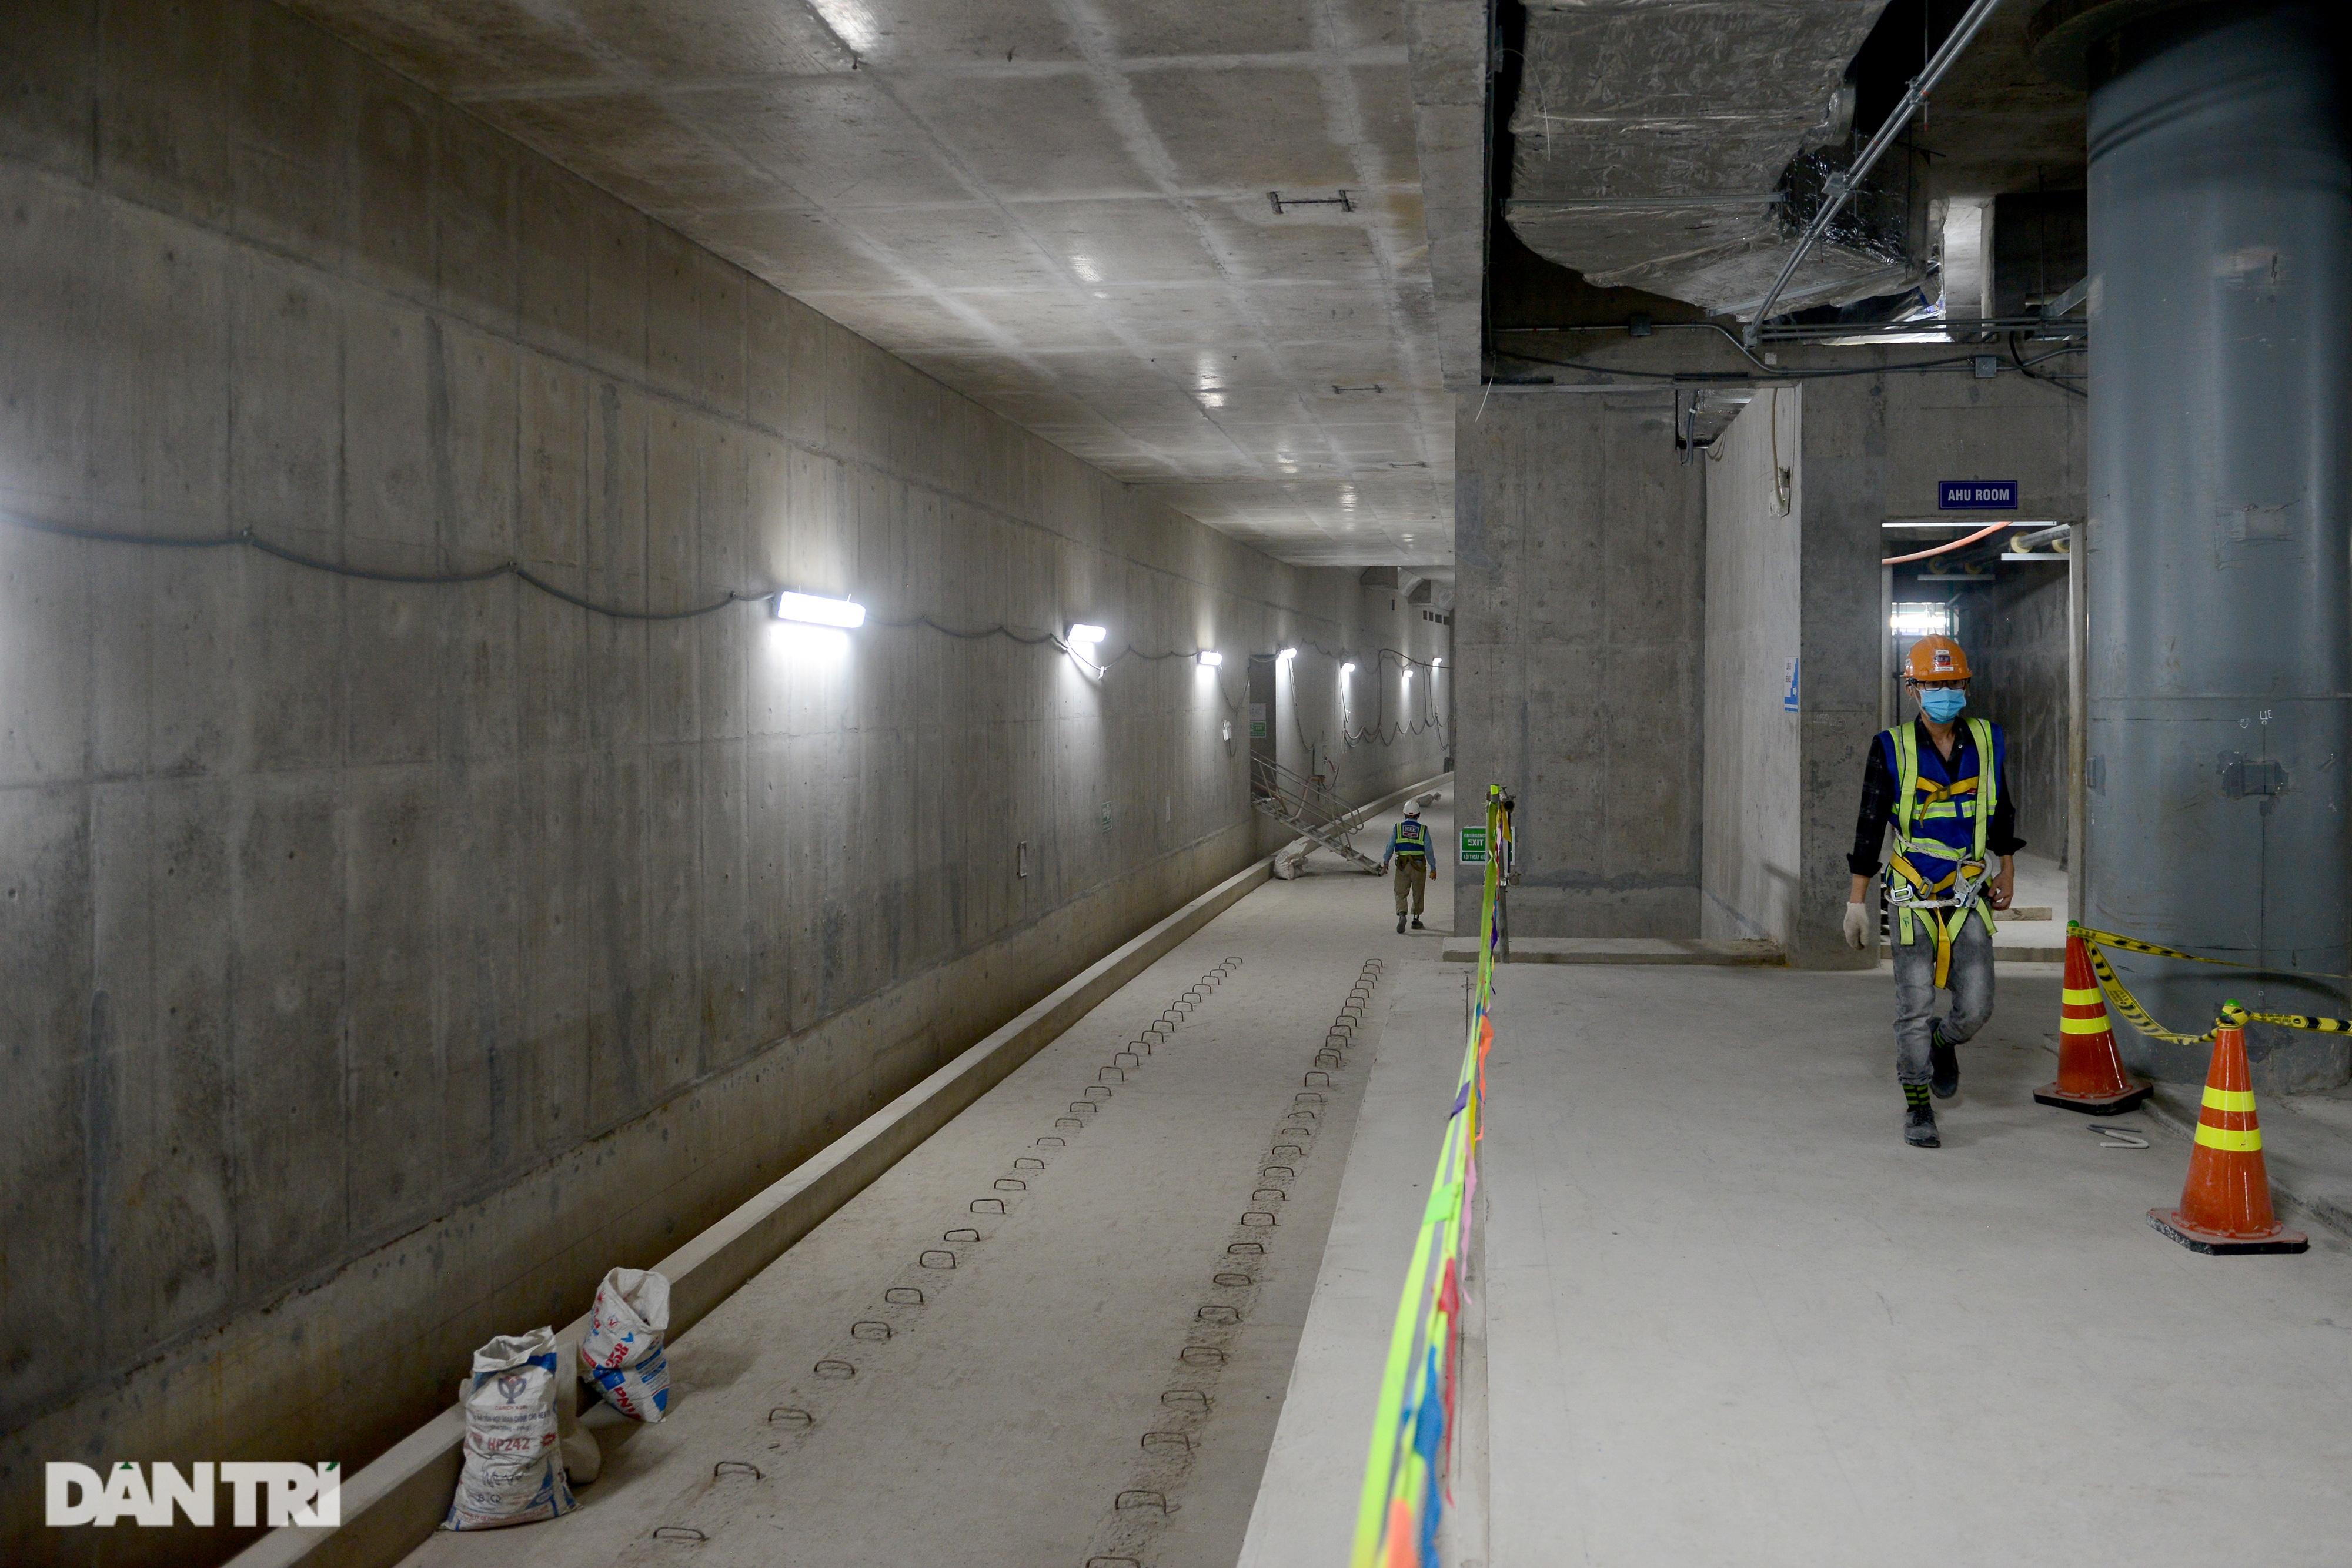 Khám phá giếng trời khổng lồ ăn sâu xuống lòng đất tại ga Metro Bến Thành - 12